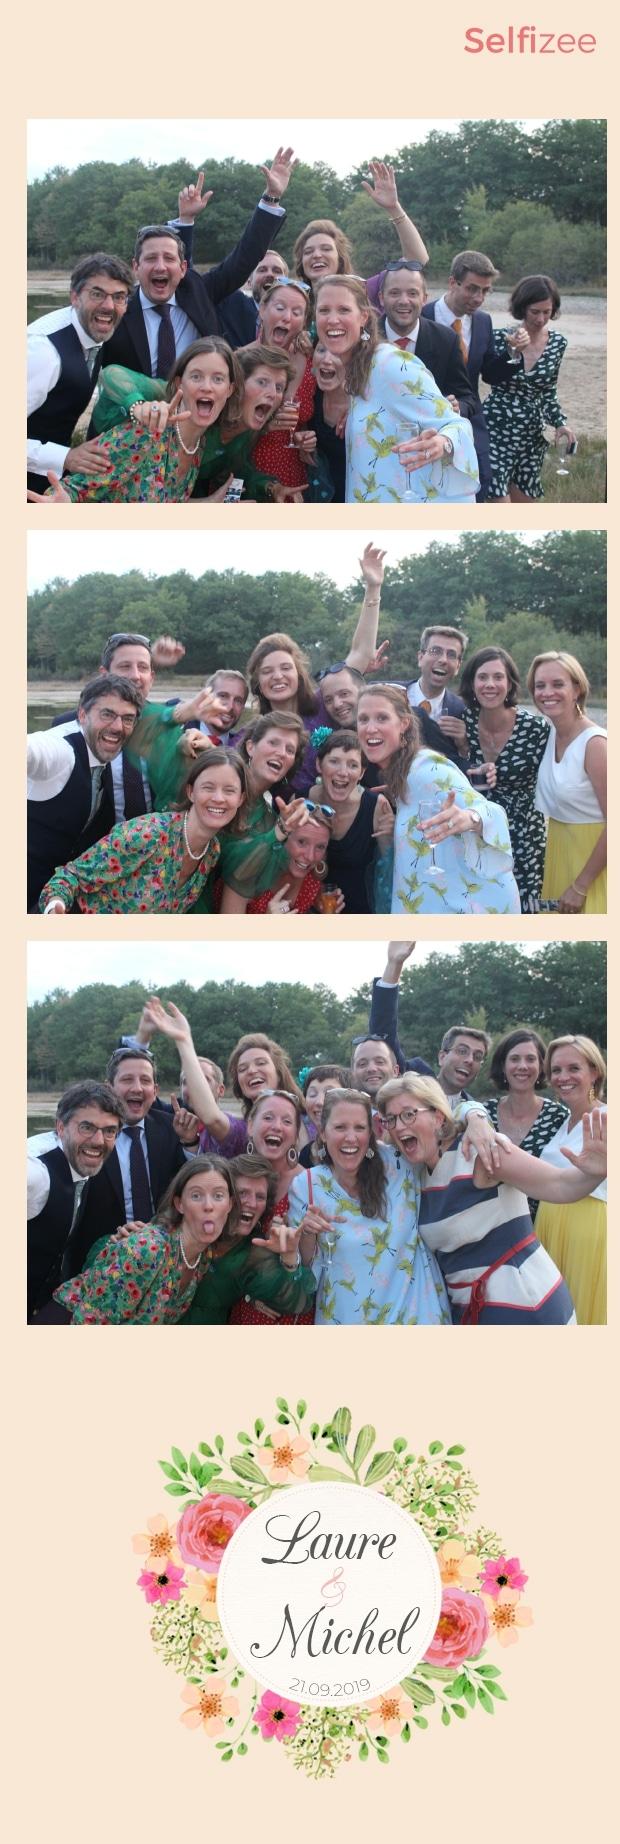 Photo mariage personnalisée avec borne selfie à louer à Tours / Indre et Loire pour animation mariage